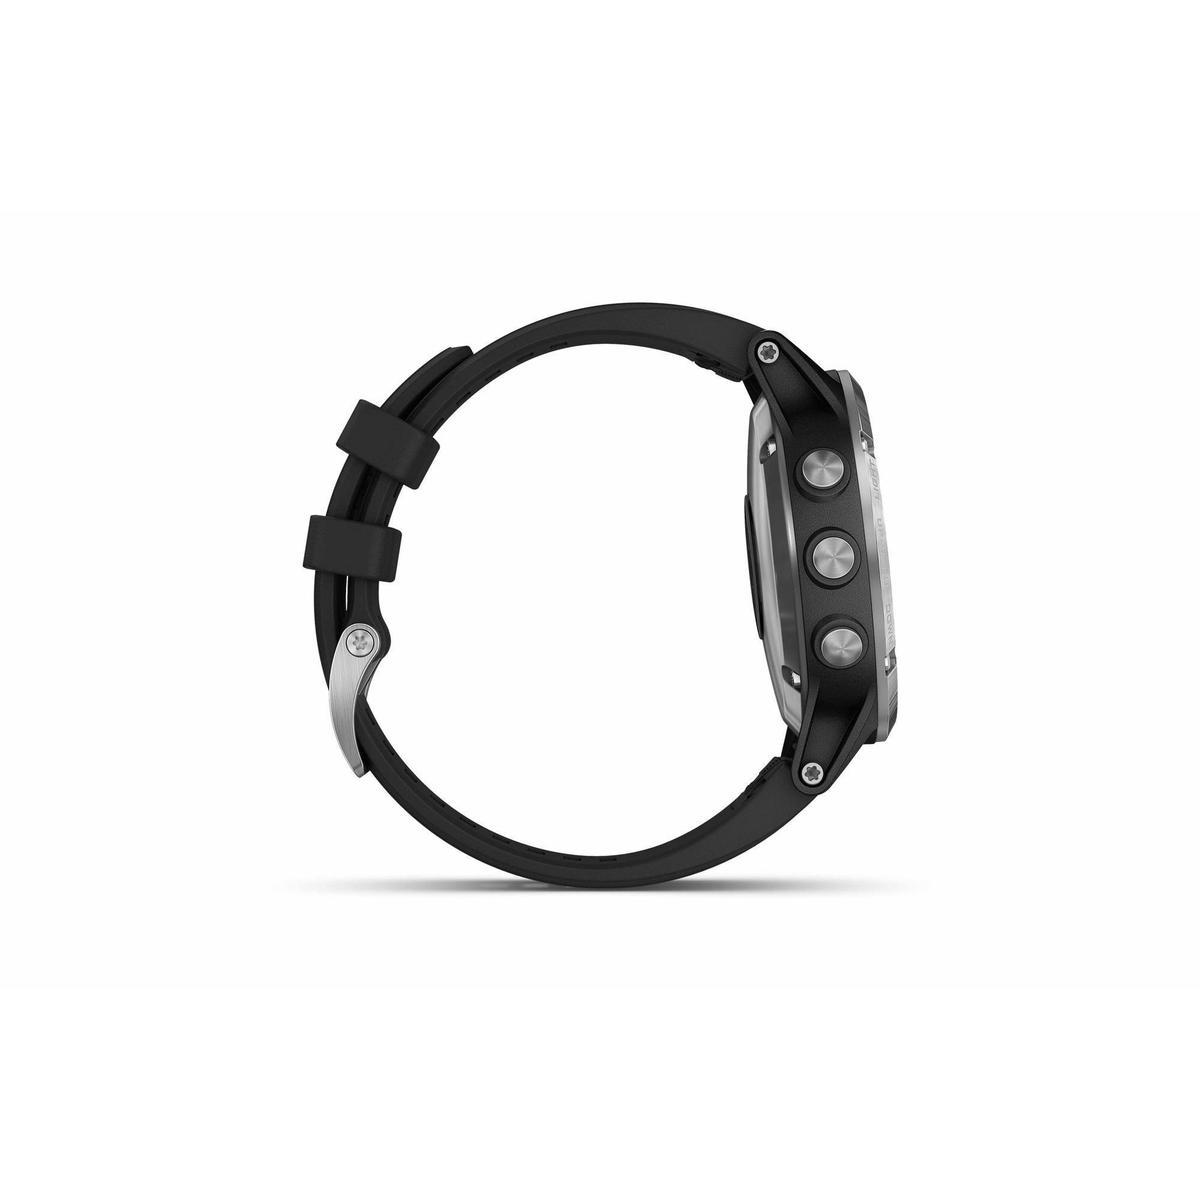 Bild 5 von GPS-Pulsuhr und Musikplayer Cardio Fenix 5 Plus Multisport silber